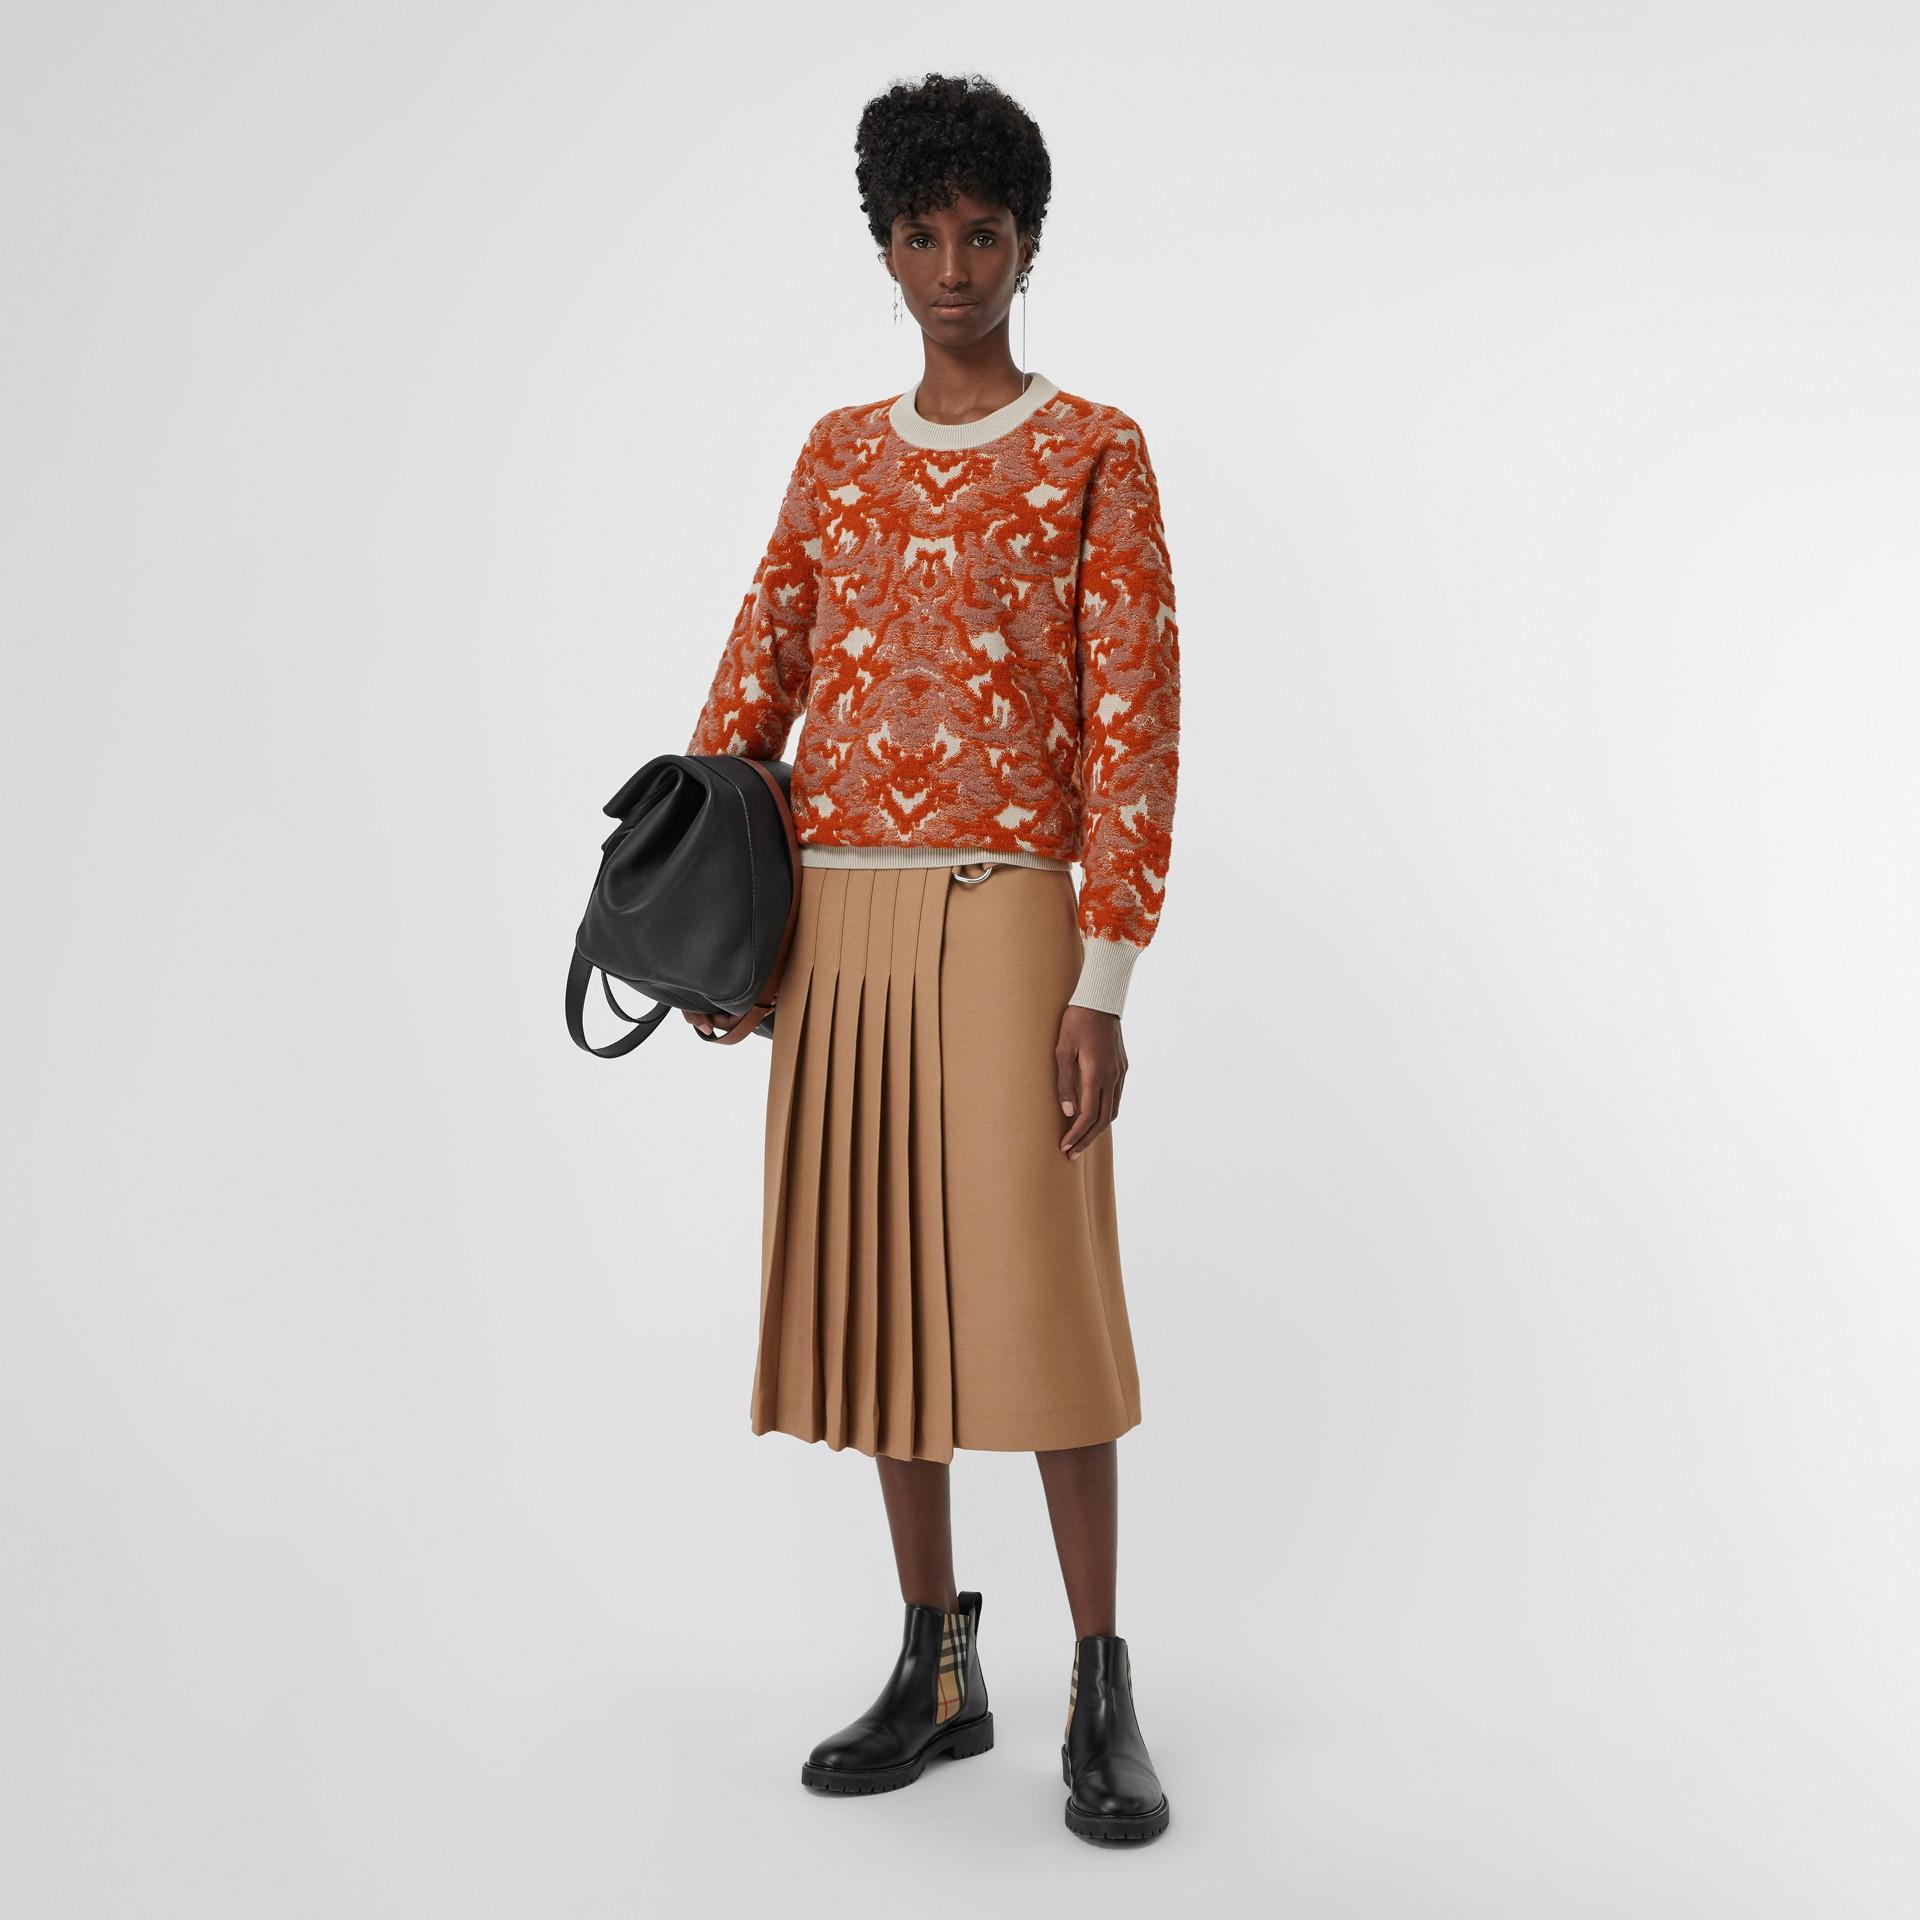 ダマスクウール シルクジャカード セーター (ピンクアゼリア) - ウィメンズ | バーバリー - ギャラリーイメージ 0